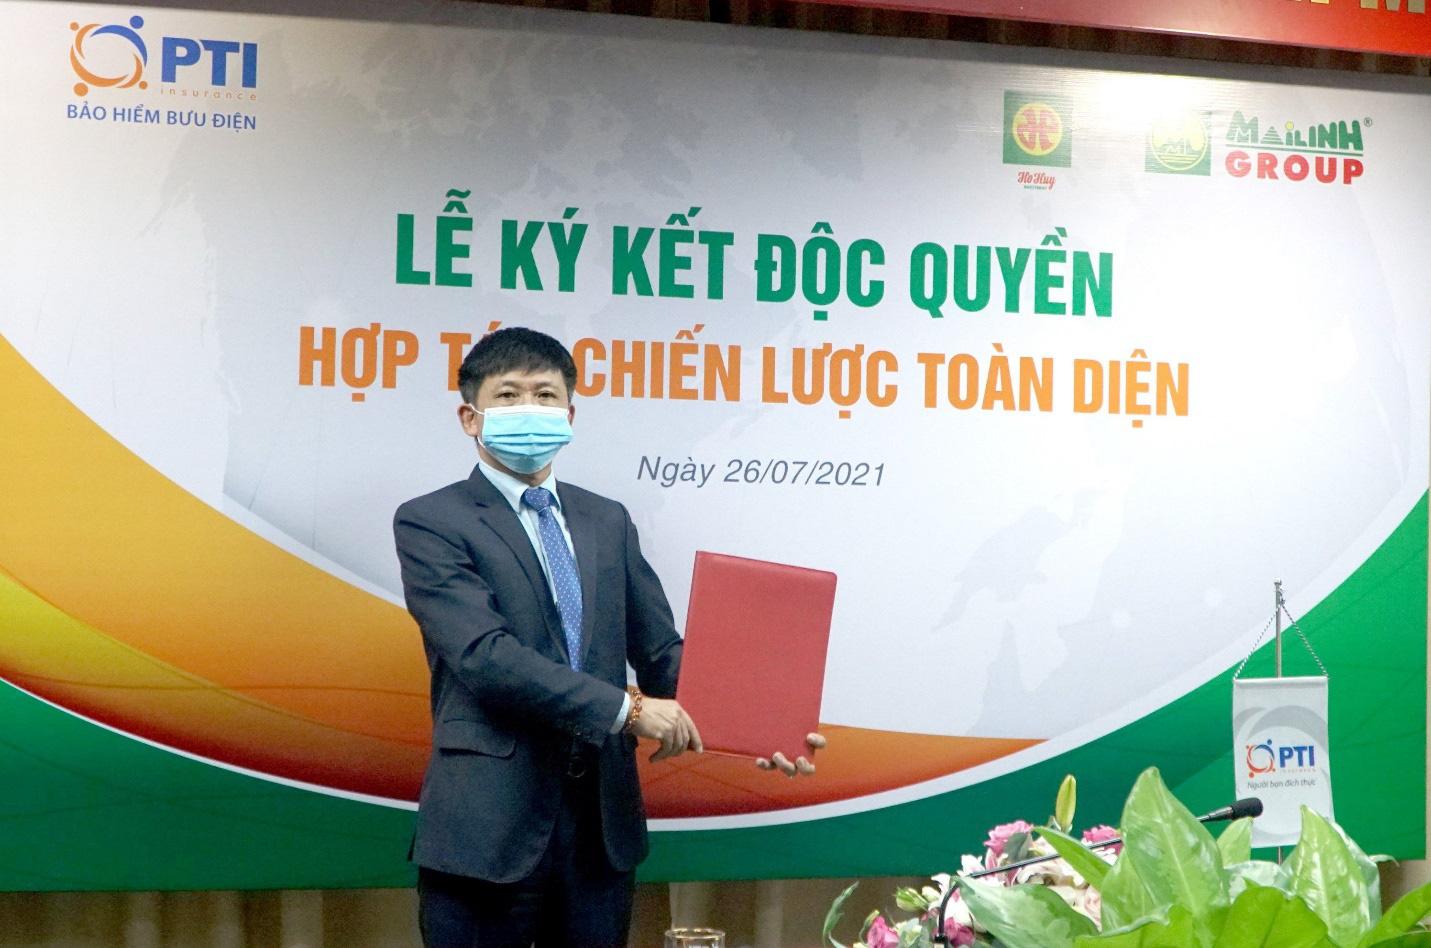 Bảo hiểm Bưu điện (PTI) và Tập đoàn Mai Linh: Hợp tác độc quyền và toàn diện - Ảnh 3.